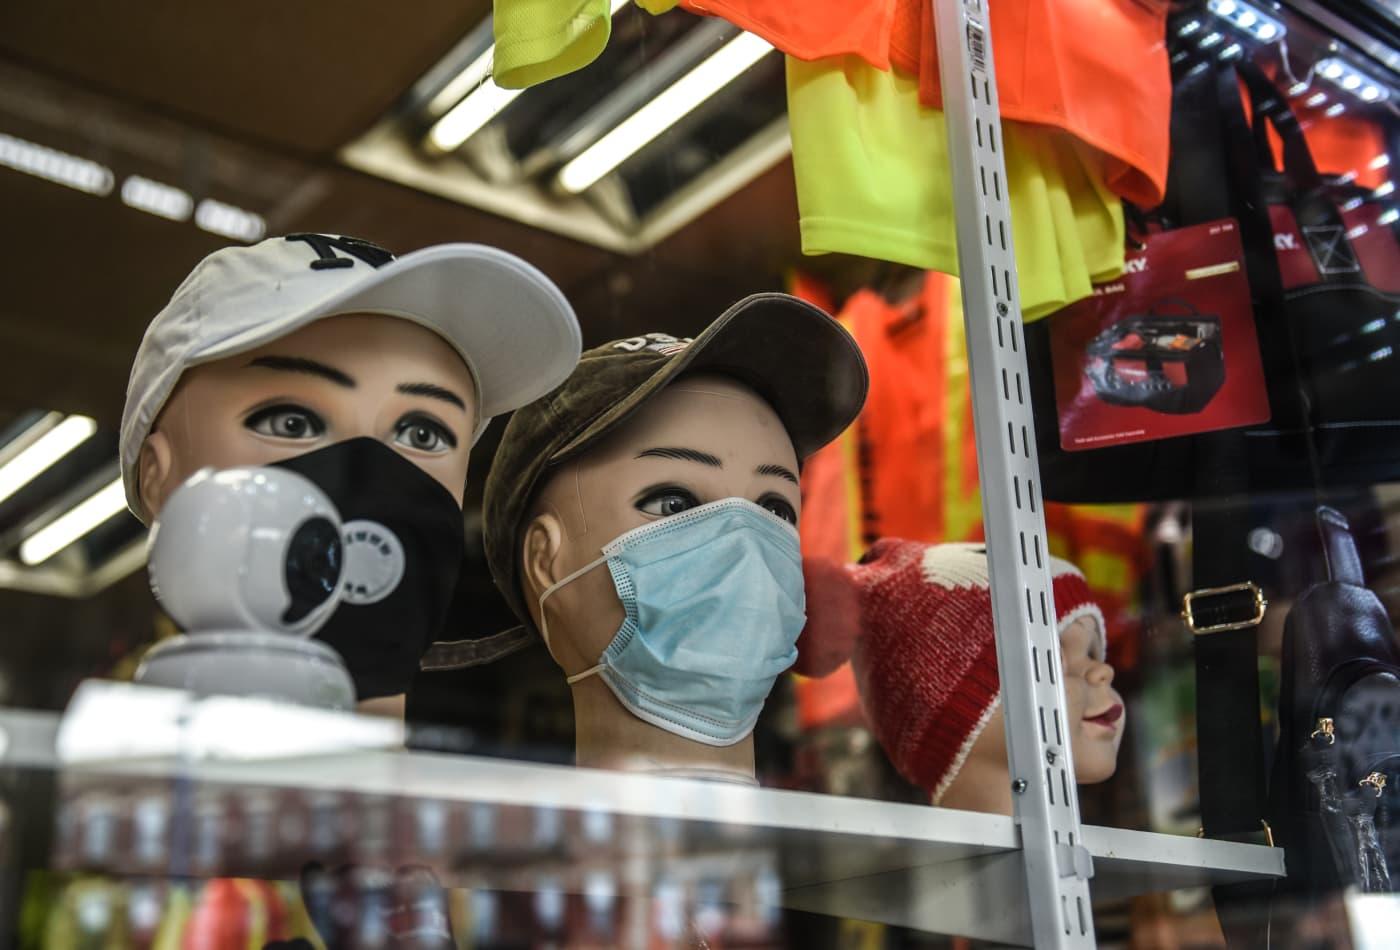 New York fashion icons embrace Cuomo's coronavirus mask challenge